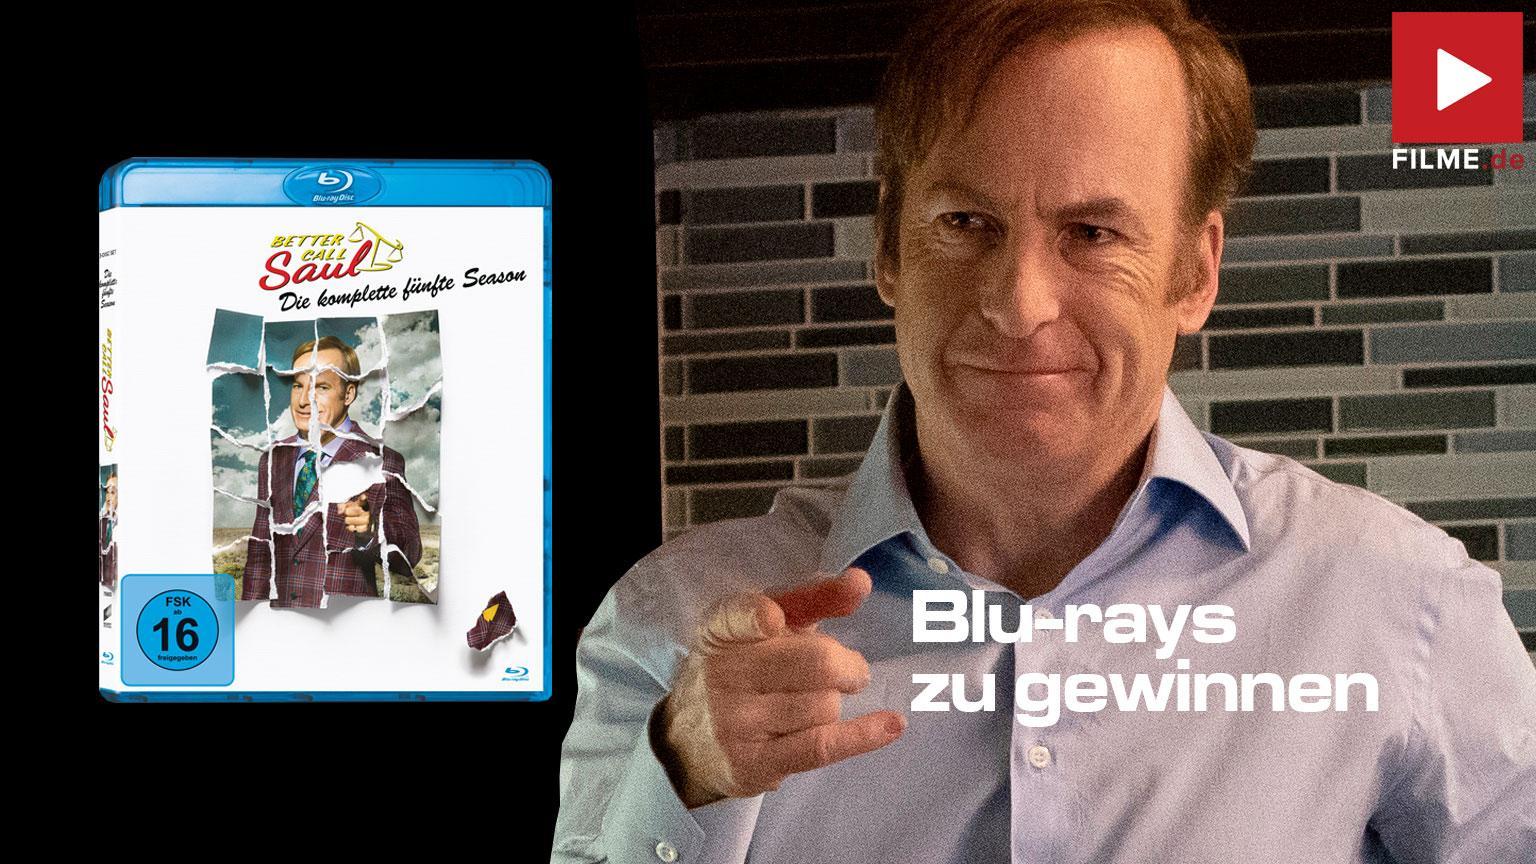 Better Call Saul Staffel 5 Blu-ray DVD Gewinnspiel gewinnen Shop kaufen Artikelbild